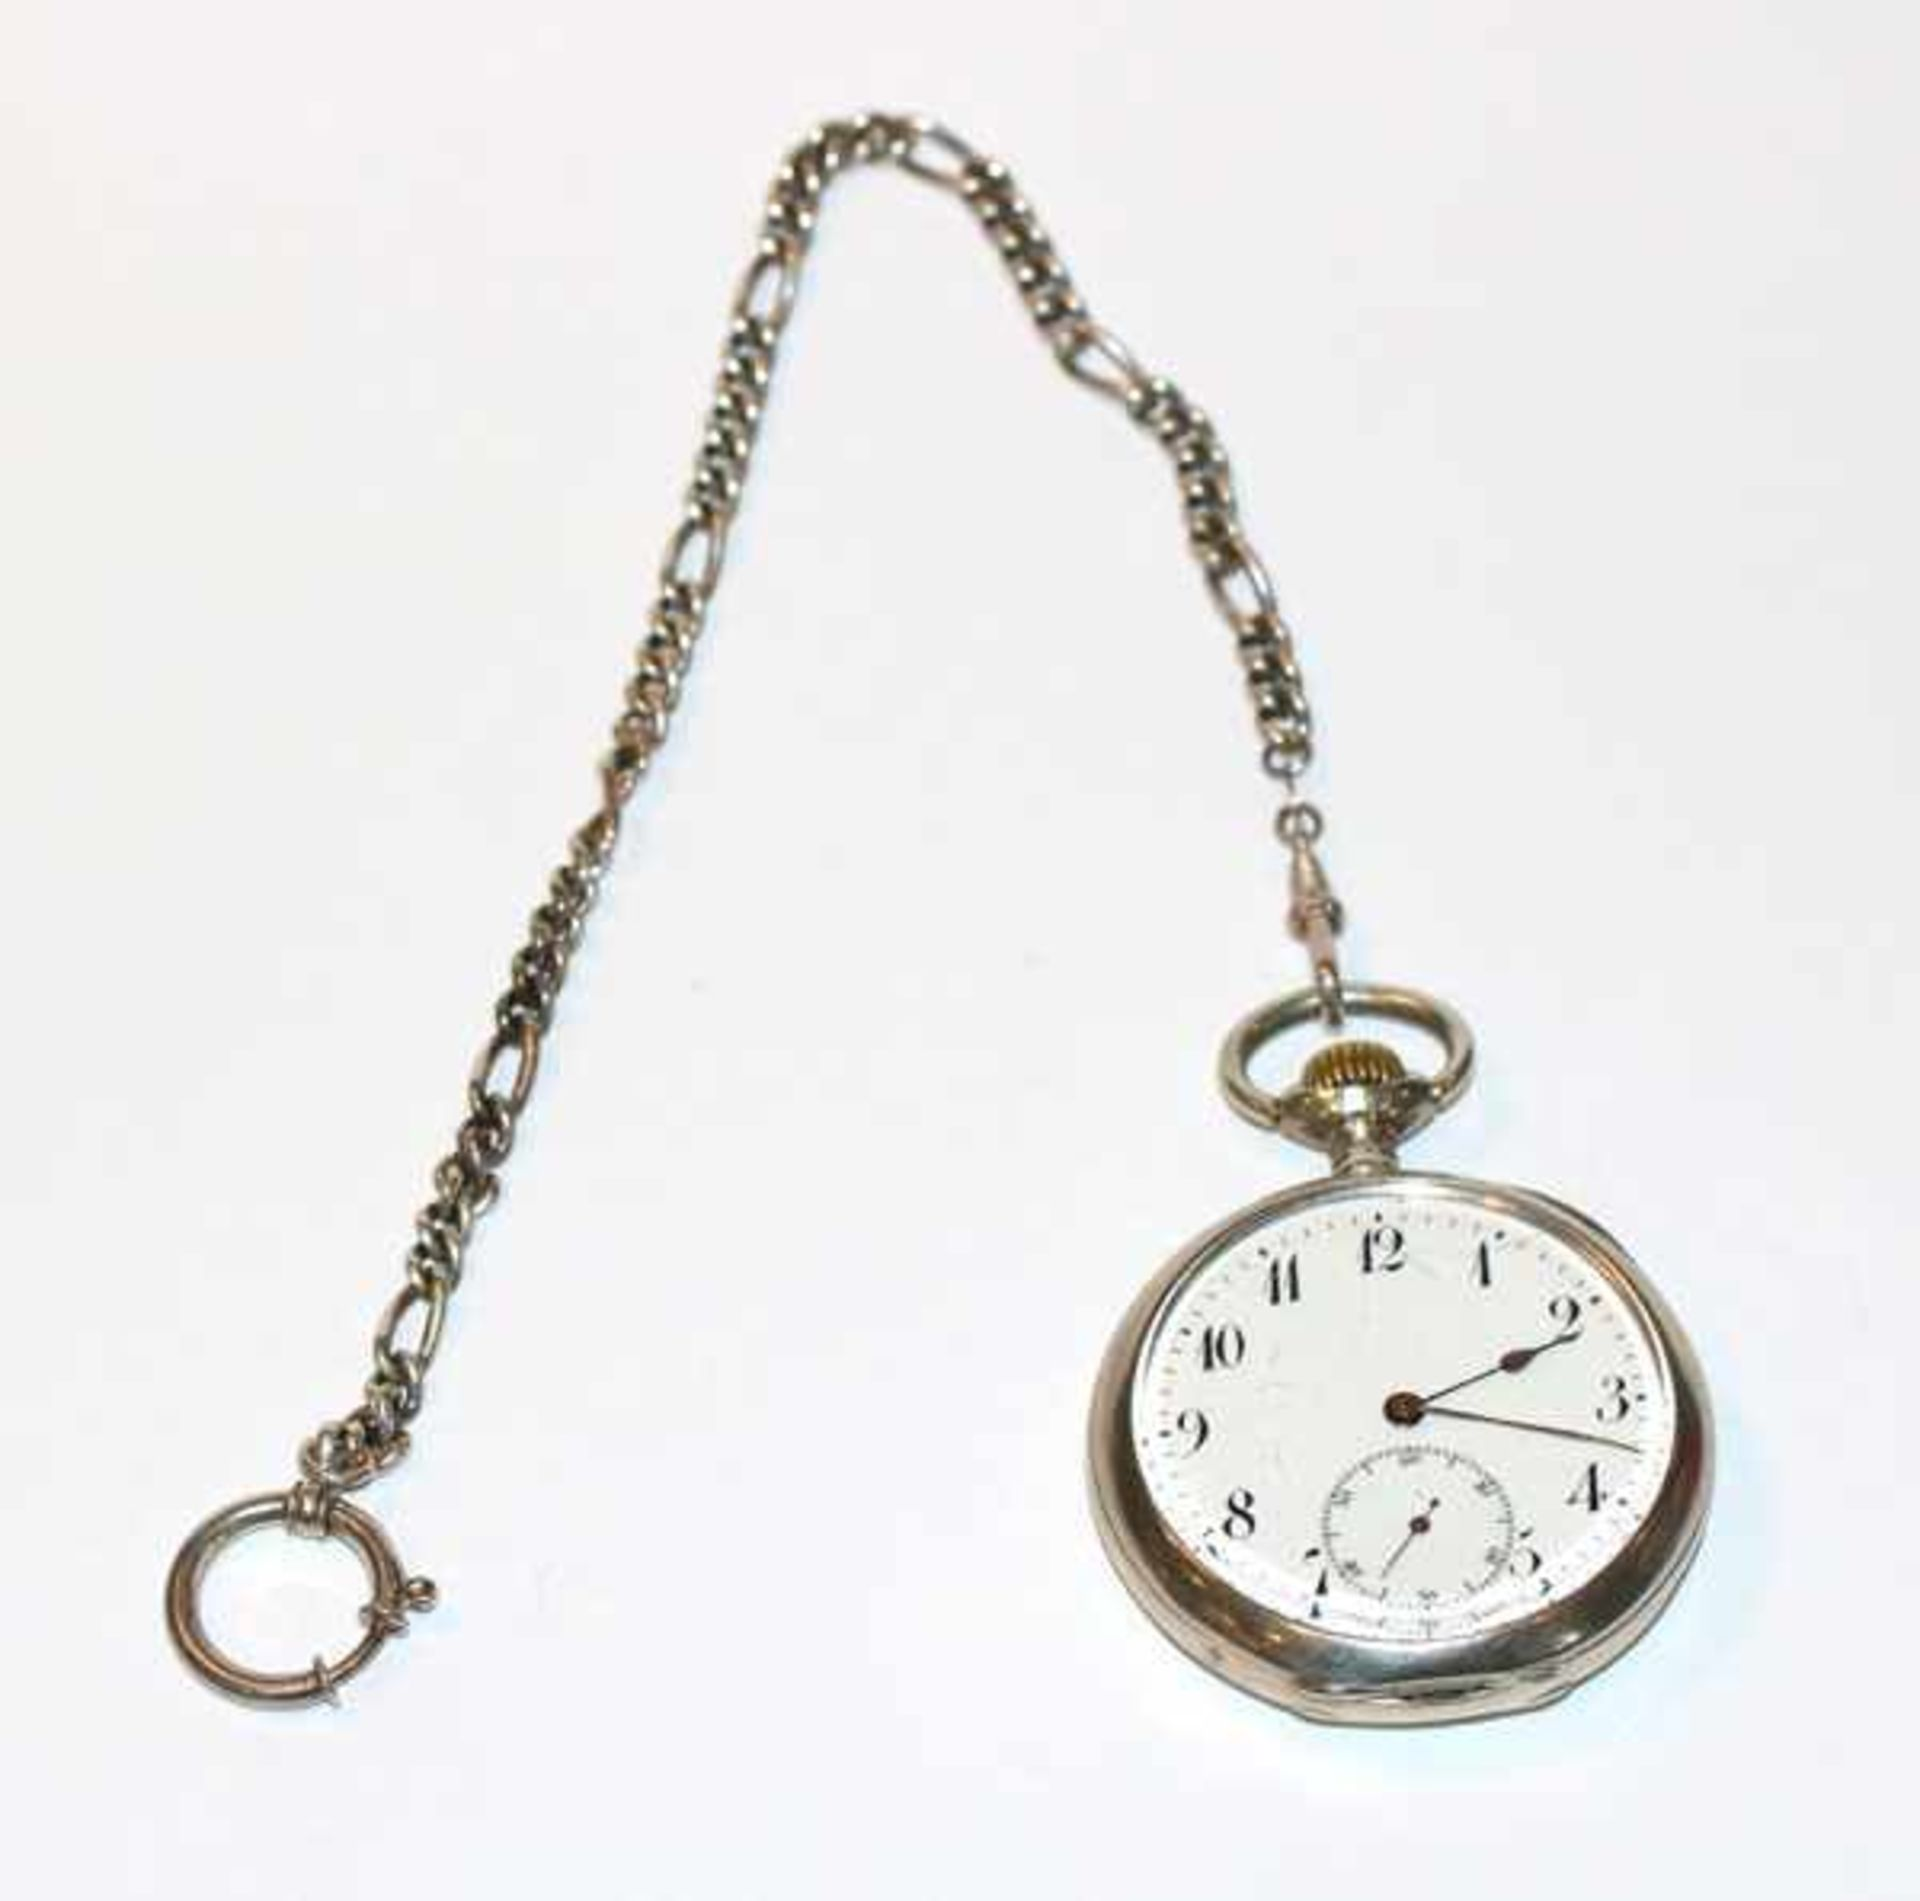 Los 17 - Silber Taschenuhr mit Sekundenzeiger, D 5 cm, an Uhrenkette, L 26 cm, Uhr wohl intakt